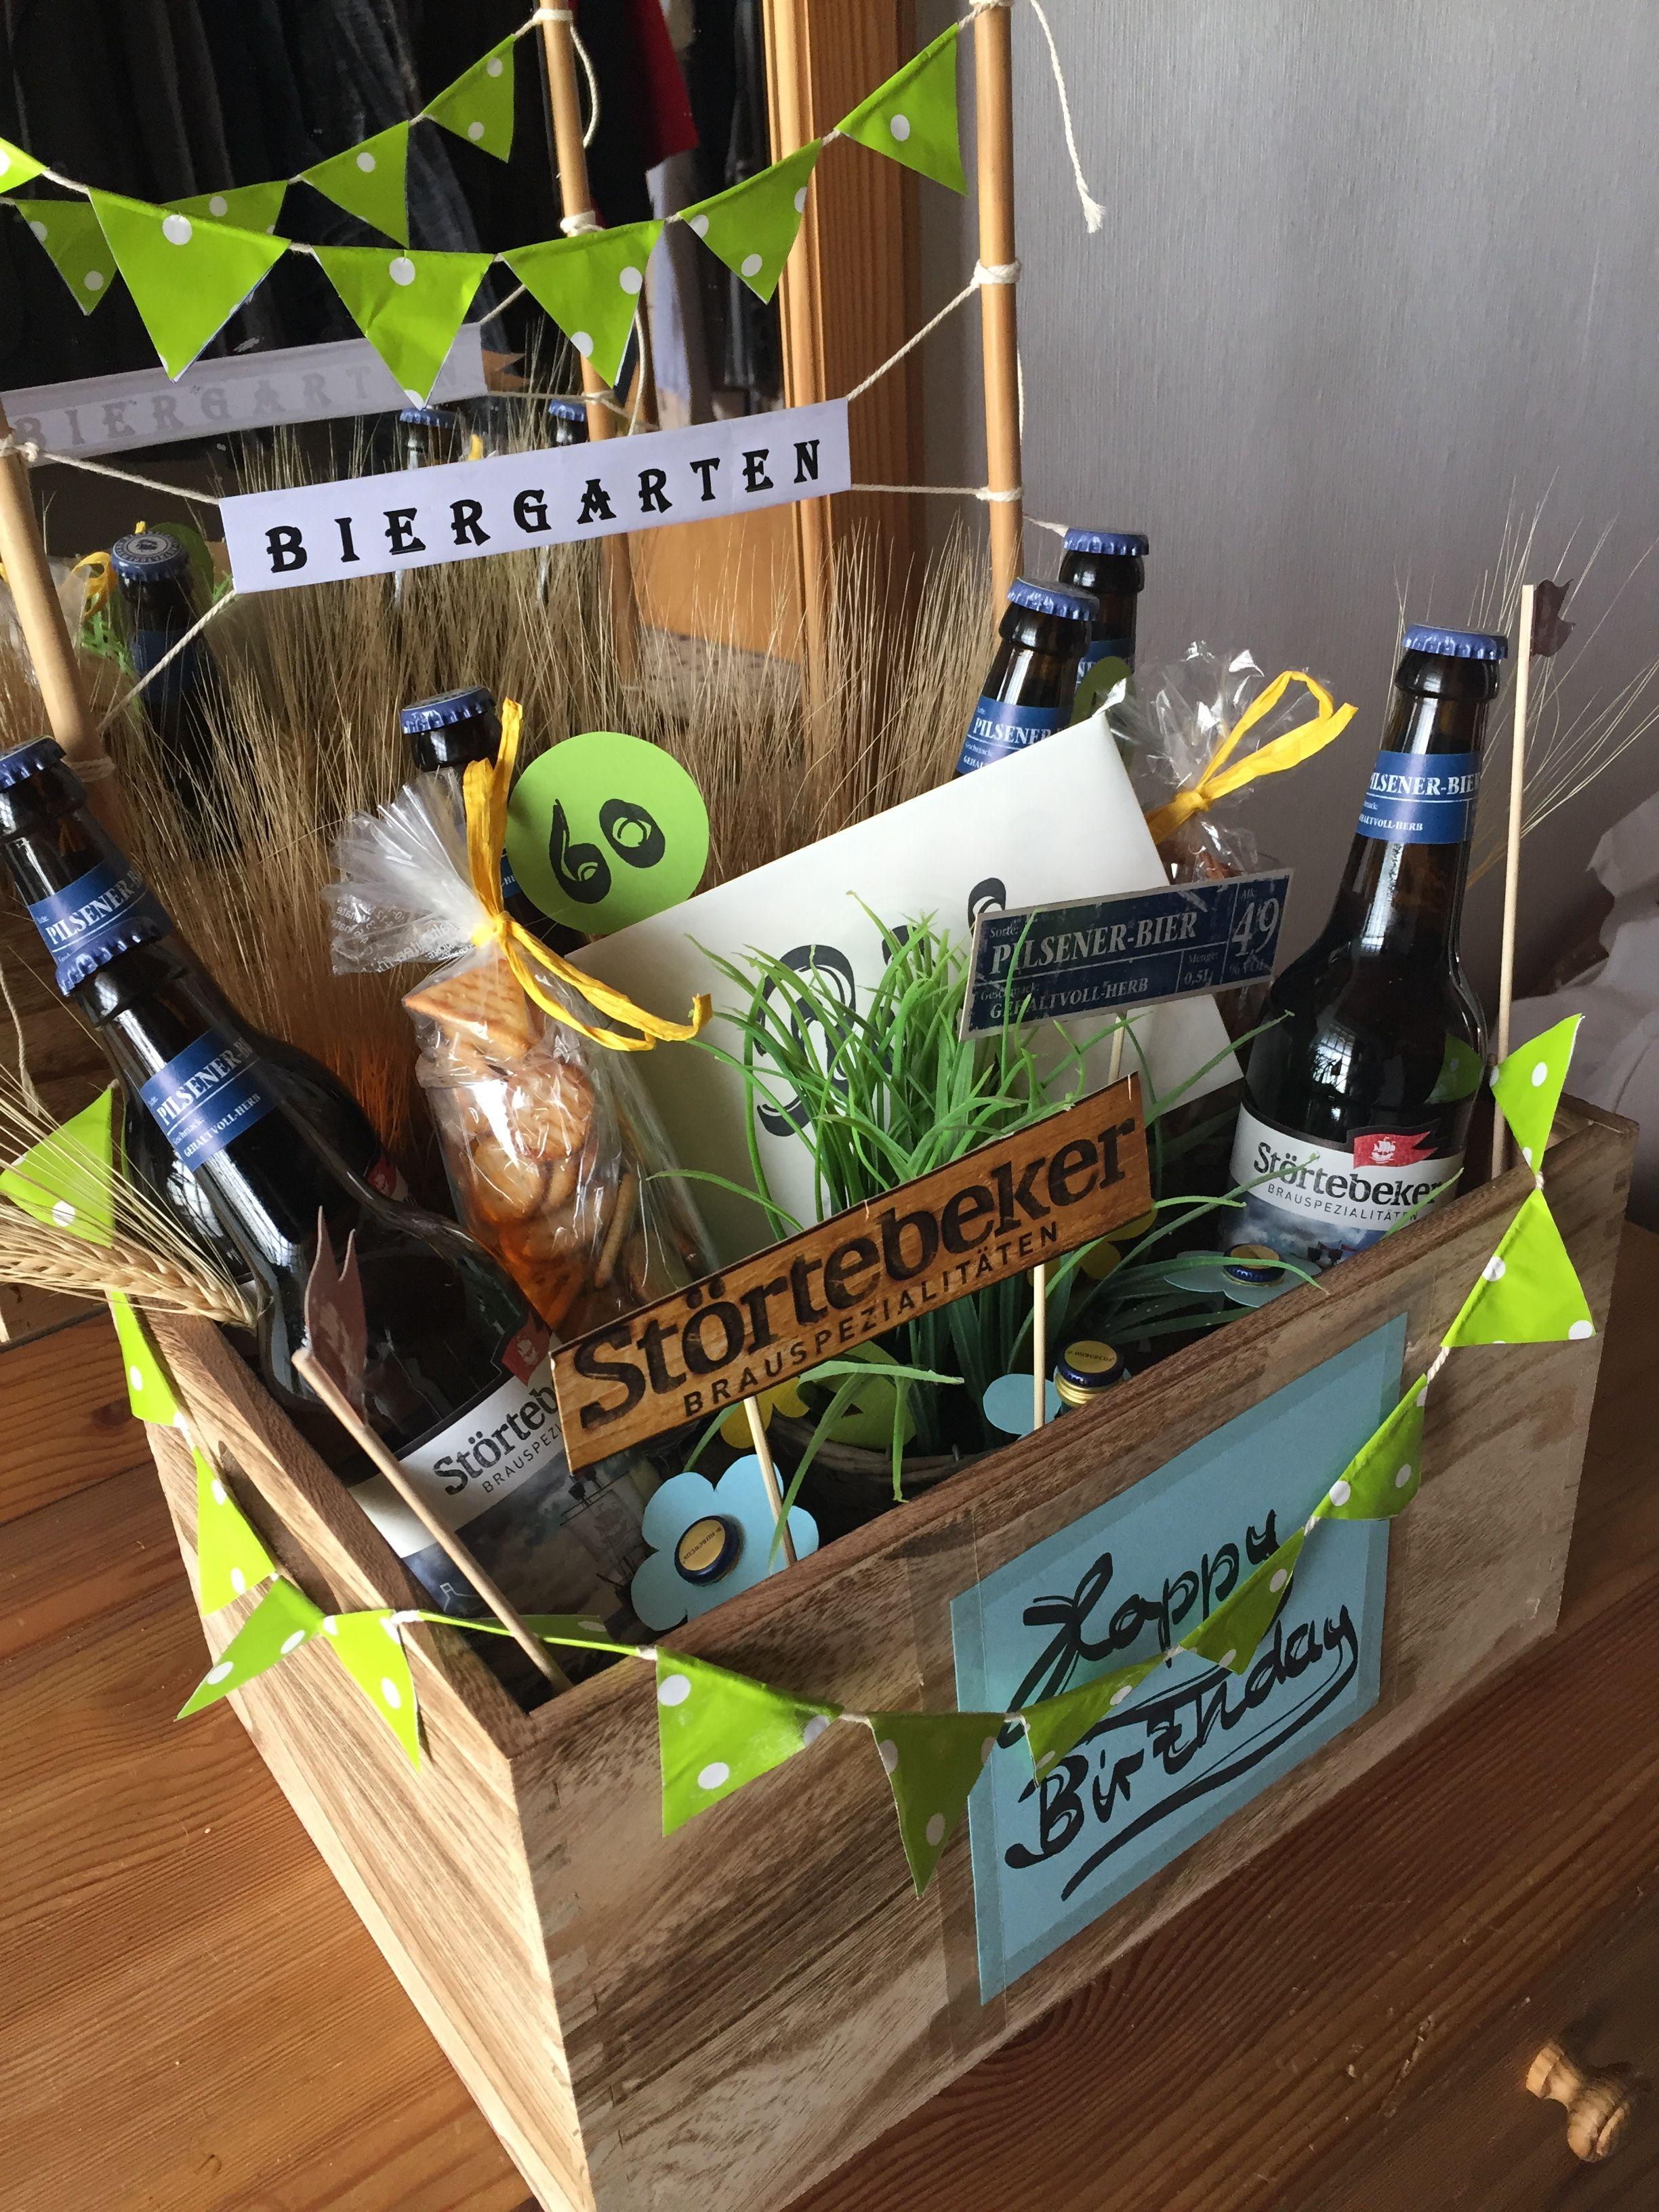 Biergarten Geschenk Zum 60 Geburtstag Geburtstag Geschenke